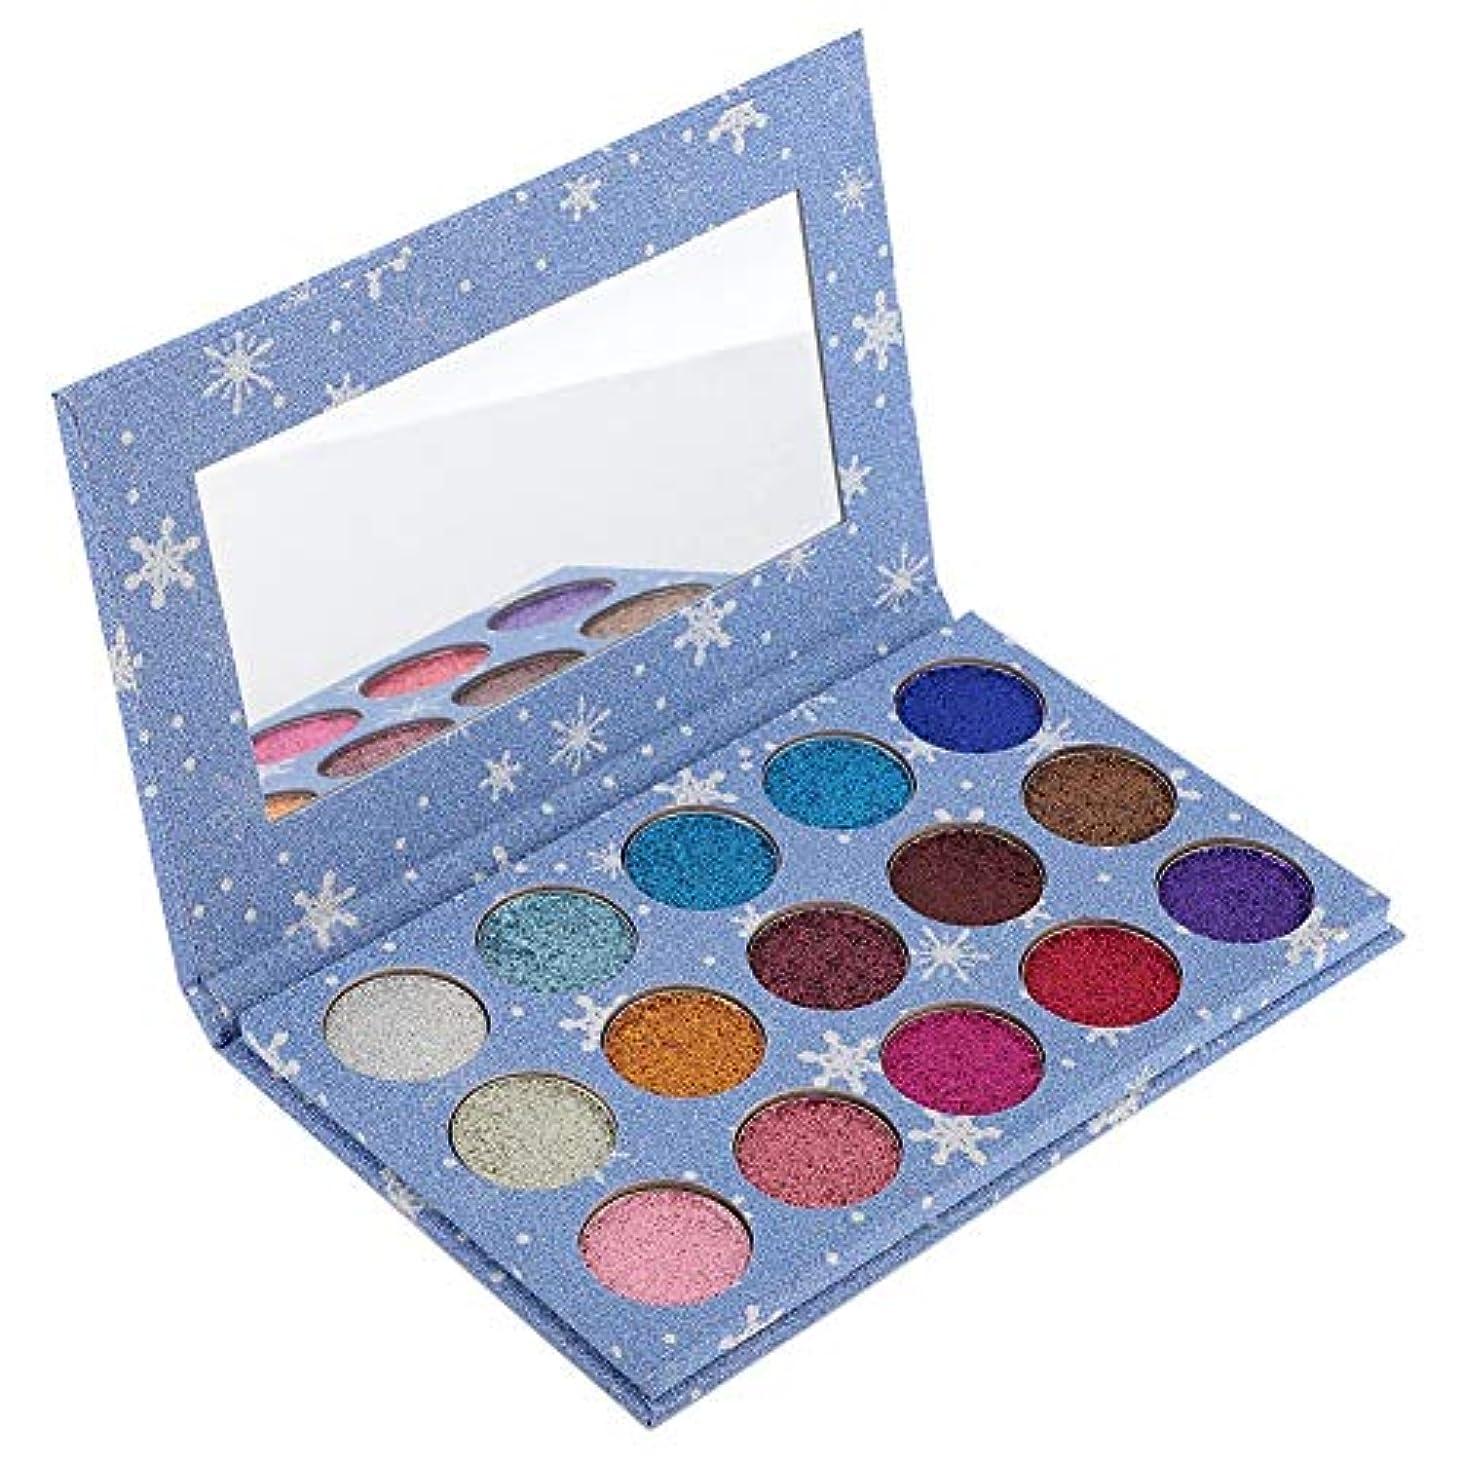 時々時々実験的のヒープアイシャドウパレット 15色 アイシャドウパレット 化粧マット グロス アイシャドウパウダー 化粧品ツール (01)